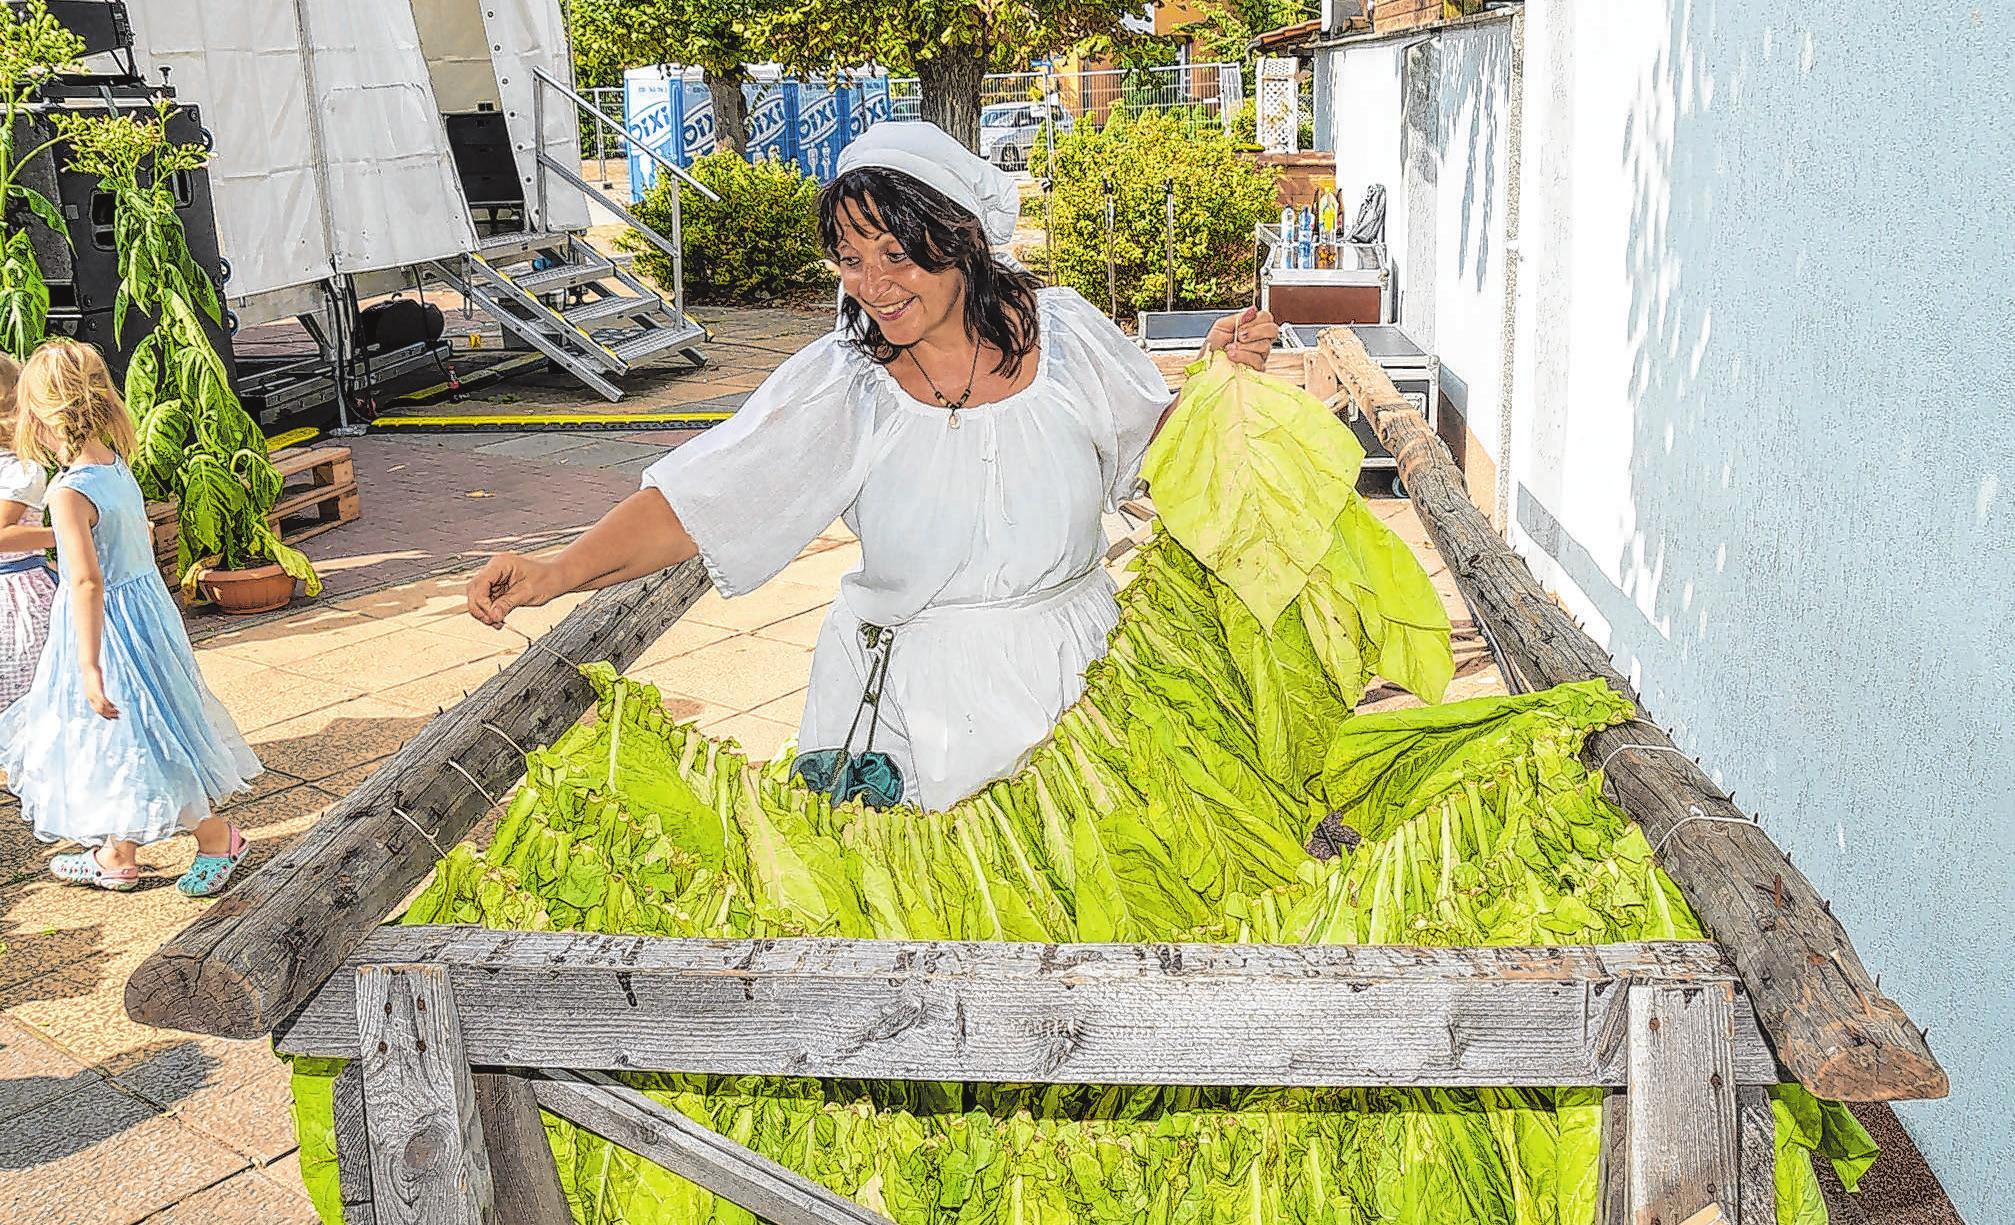 Wie wird's gemacht: Die althergebrachte Art, die Tabakpflanze zu behandeln, wird vor Ort anschaulich erklärt. Die frühere Handarbeit wird heute maschinell erledigt. Foto: Ulrich Bischoff